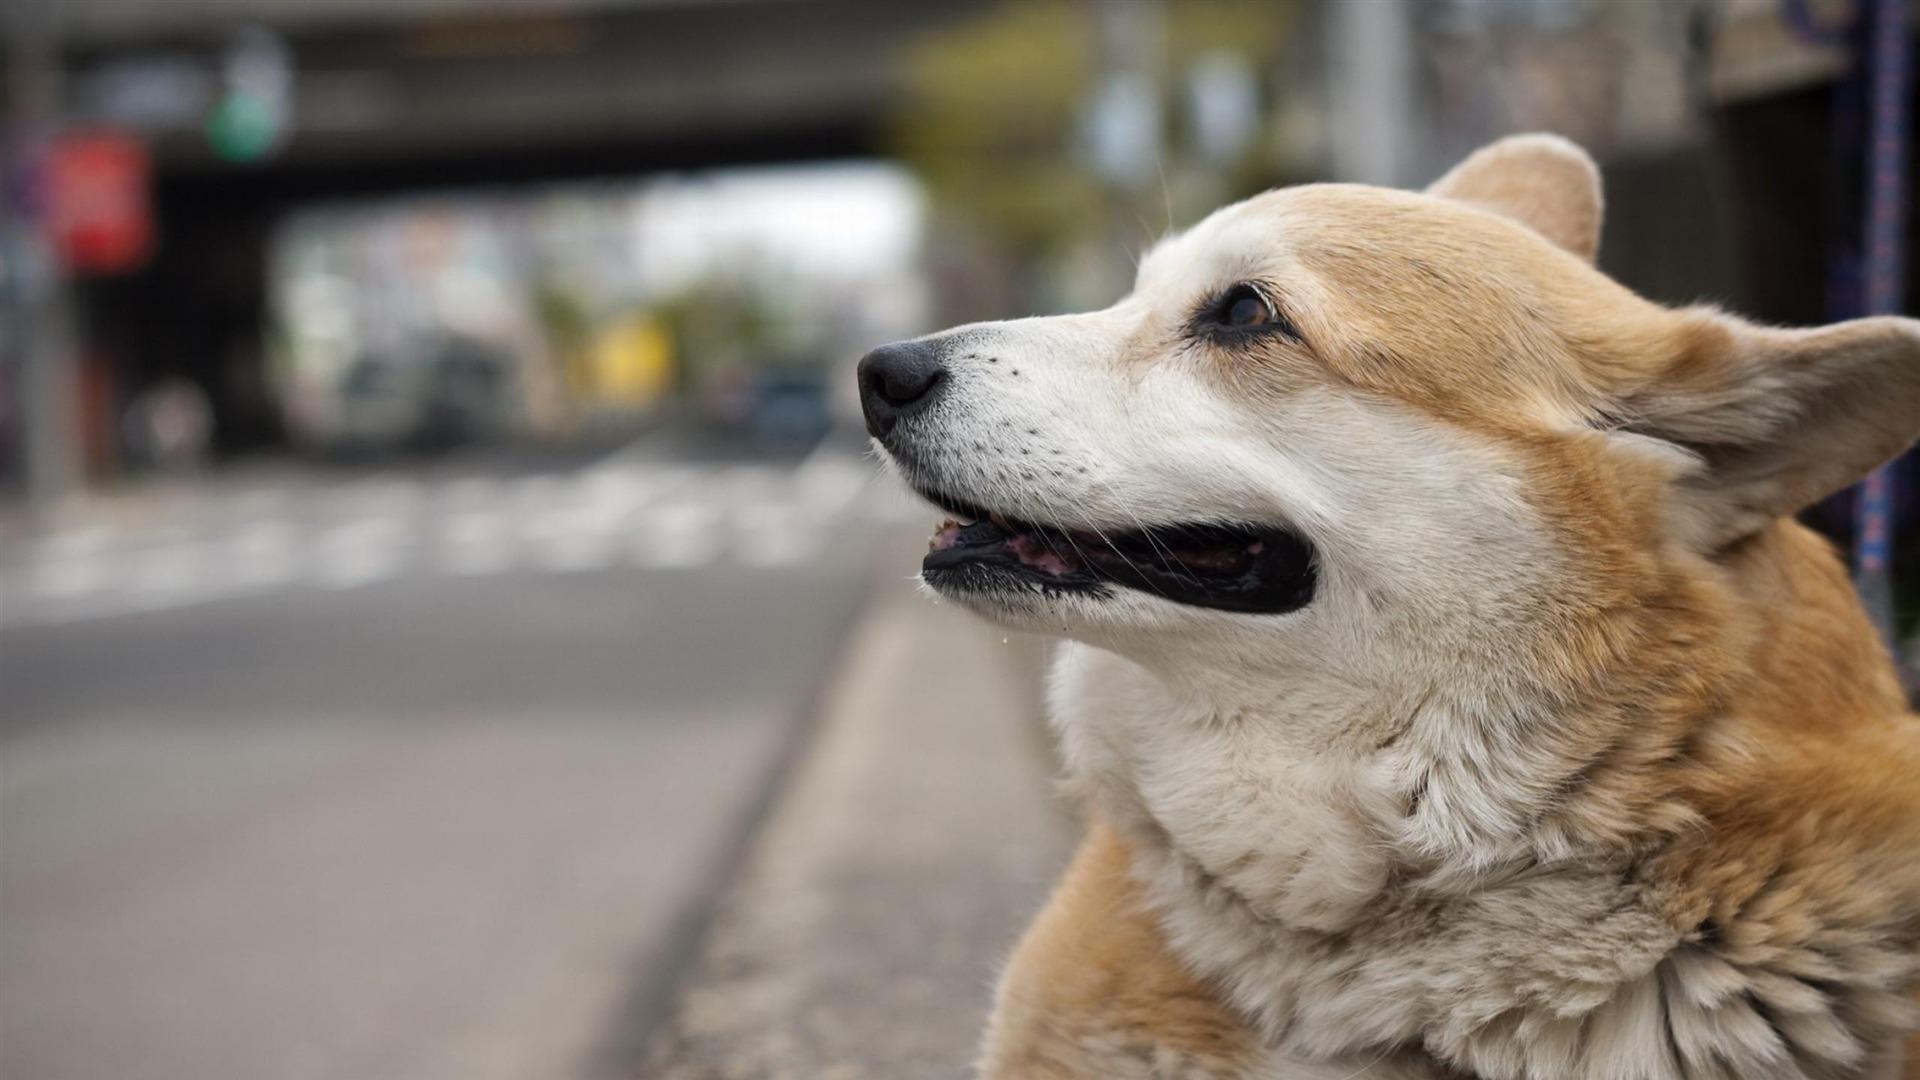 犬ウェルシュコーギー 動物の壁紙プレビュー 10wallpaper Com